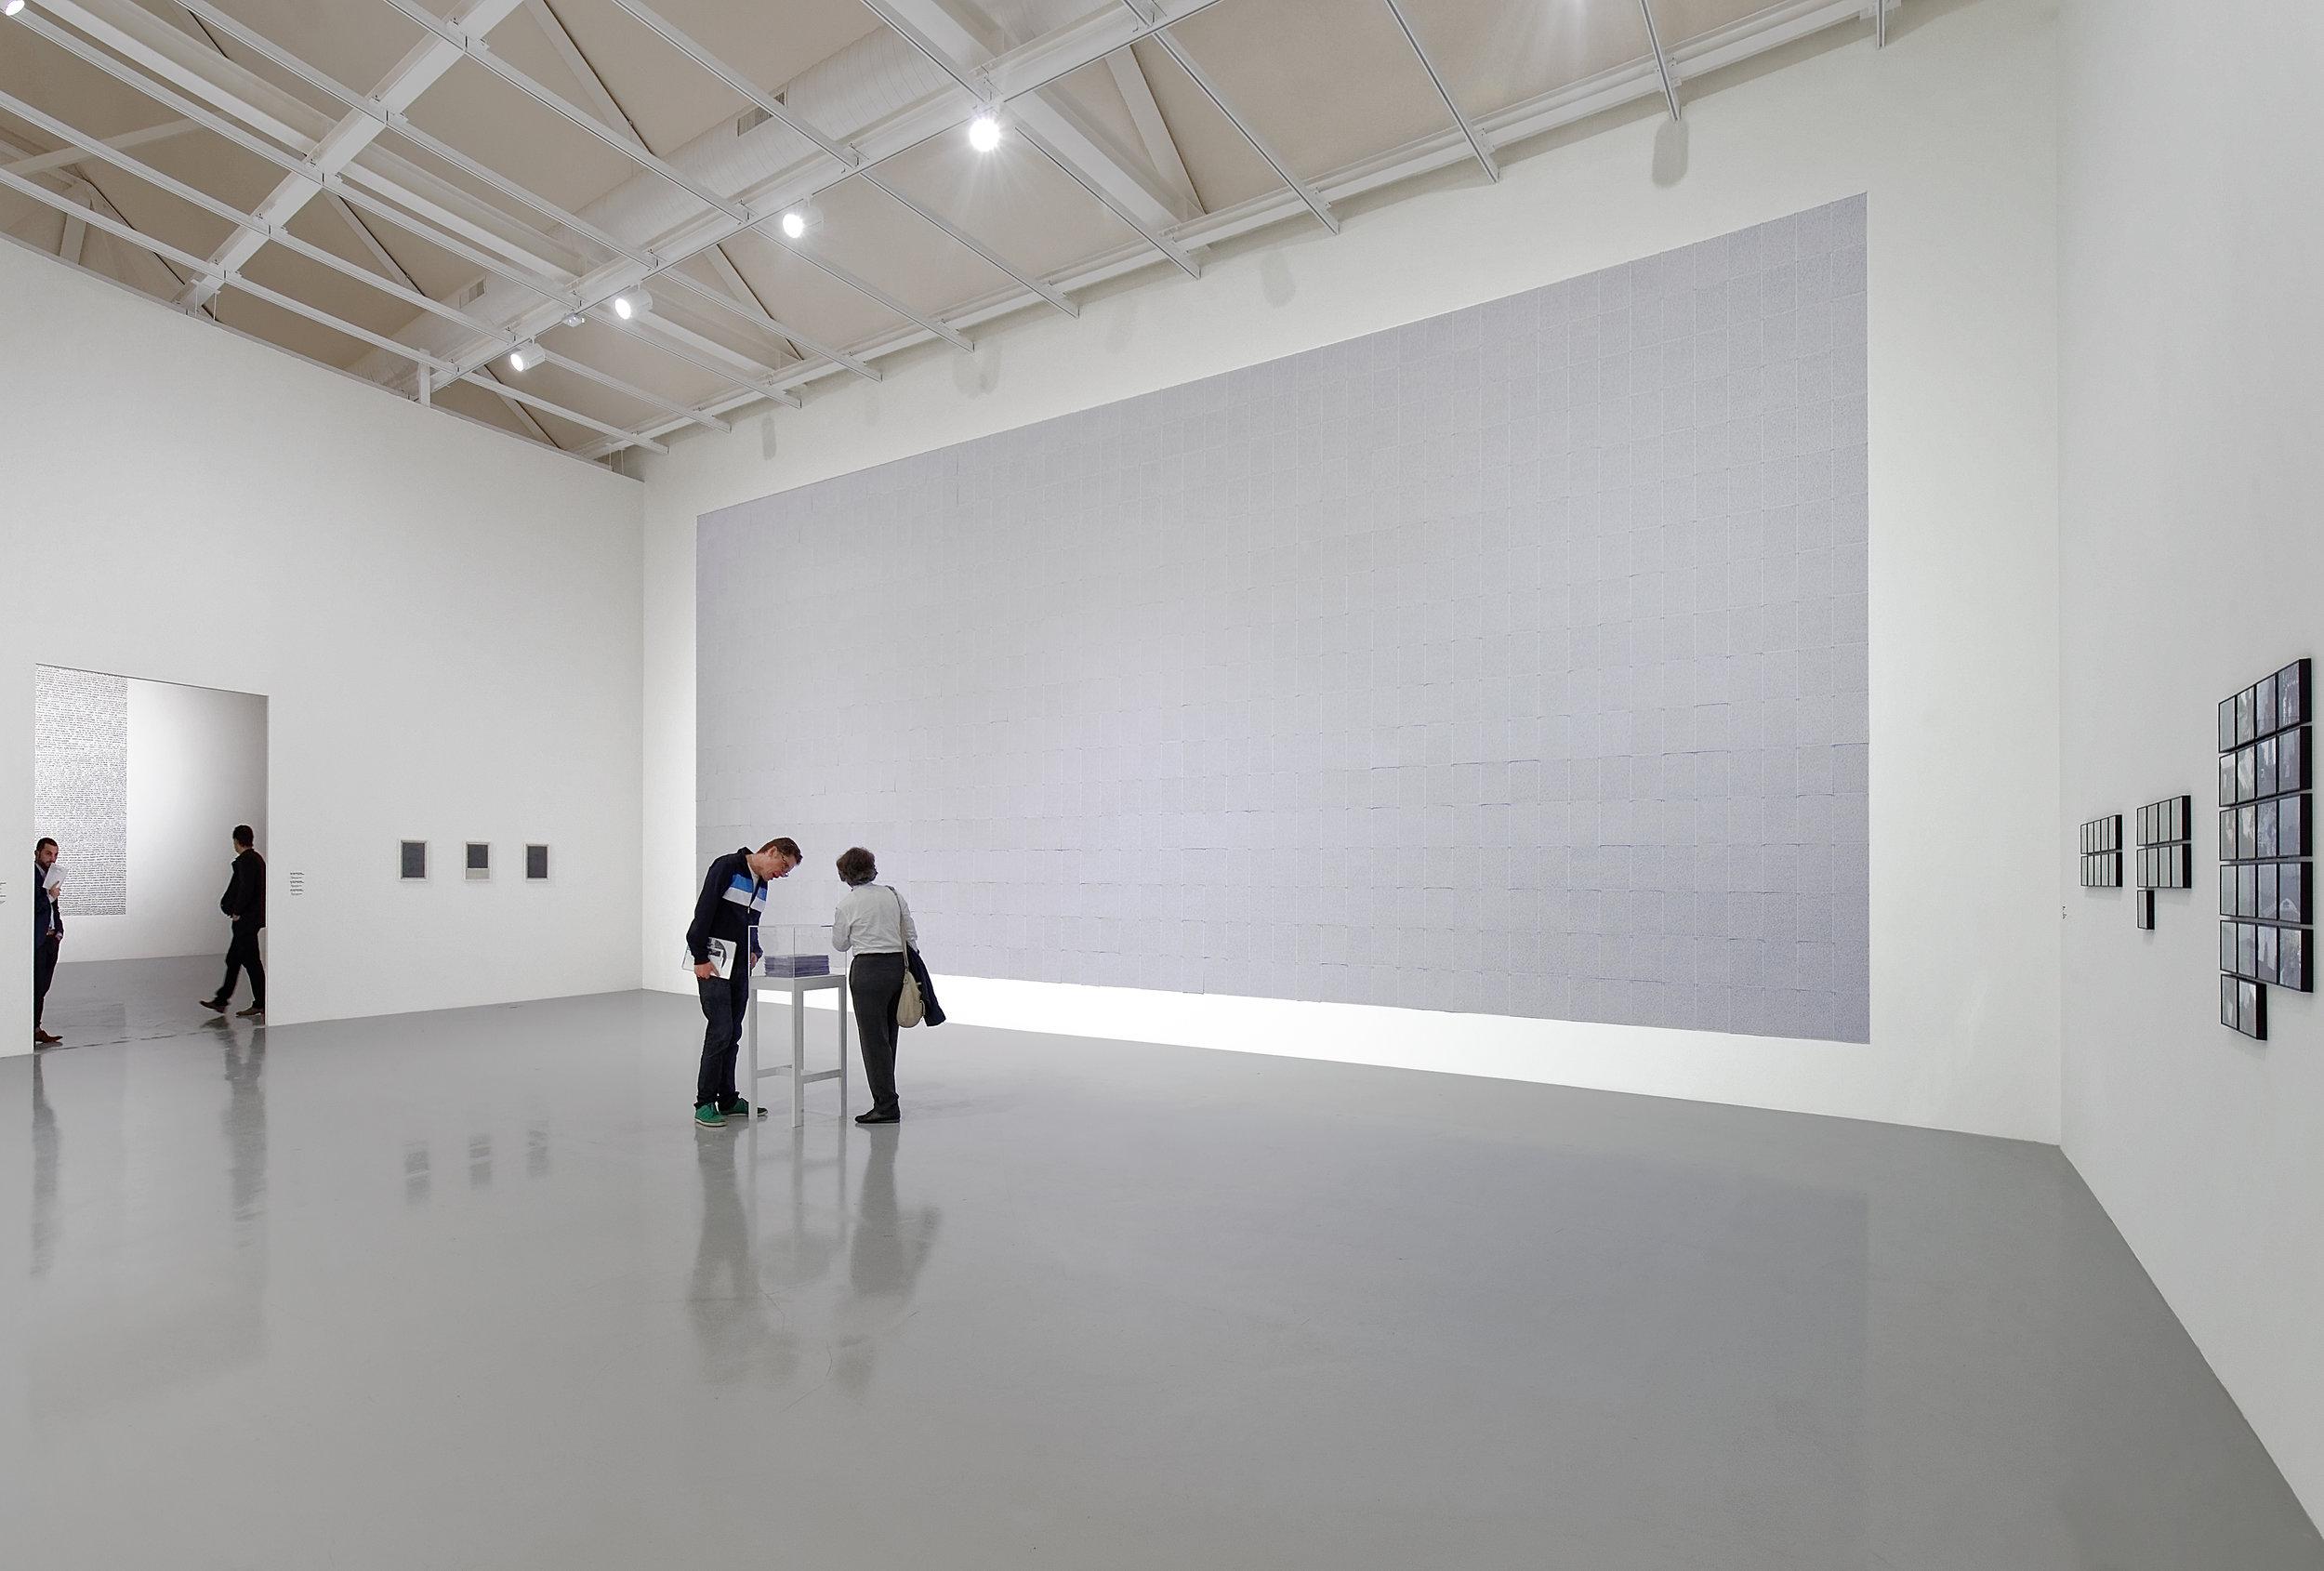 Jean-Christophe Norman, «La recherche », installation: ensemble de 983 feuilles A4, originaux dans une vitrine et photocopies épinglées sur le mur (2010-2014), 11 x 06 m, Frac Franche-Comté, 2014